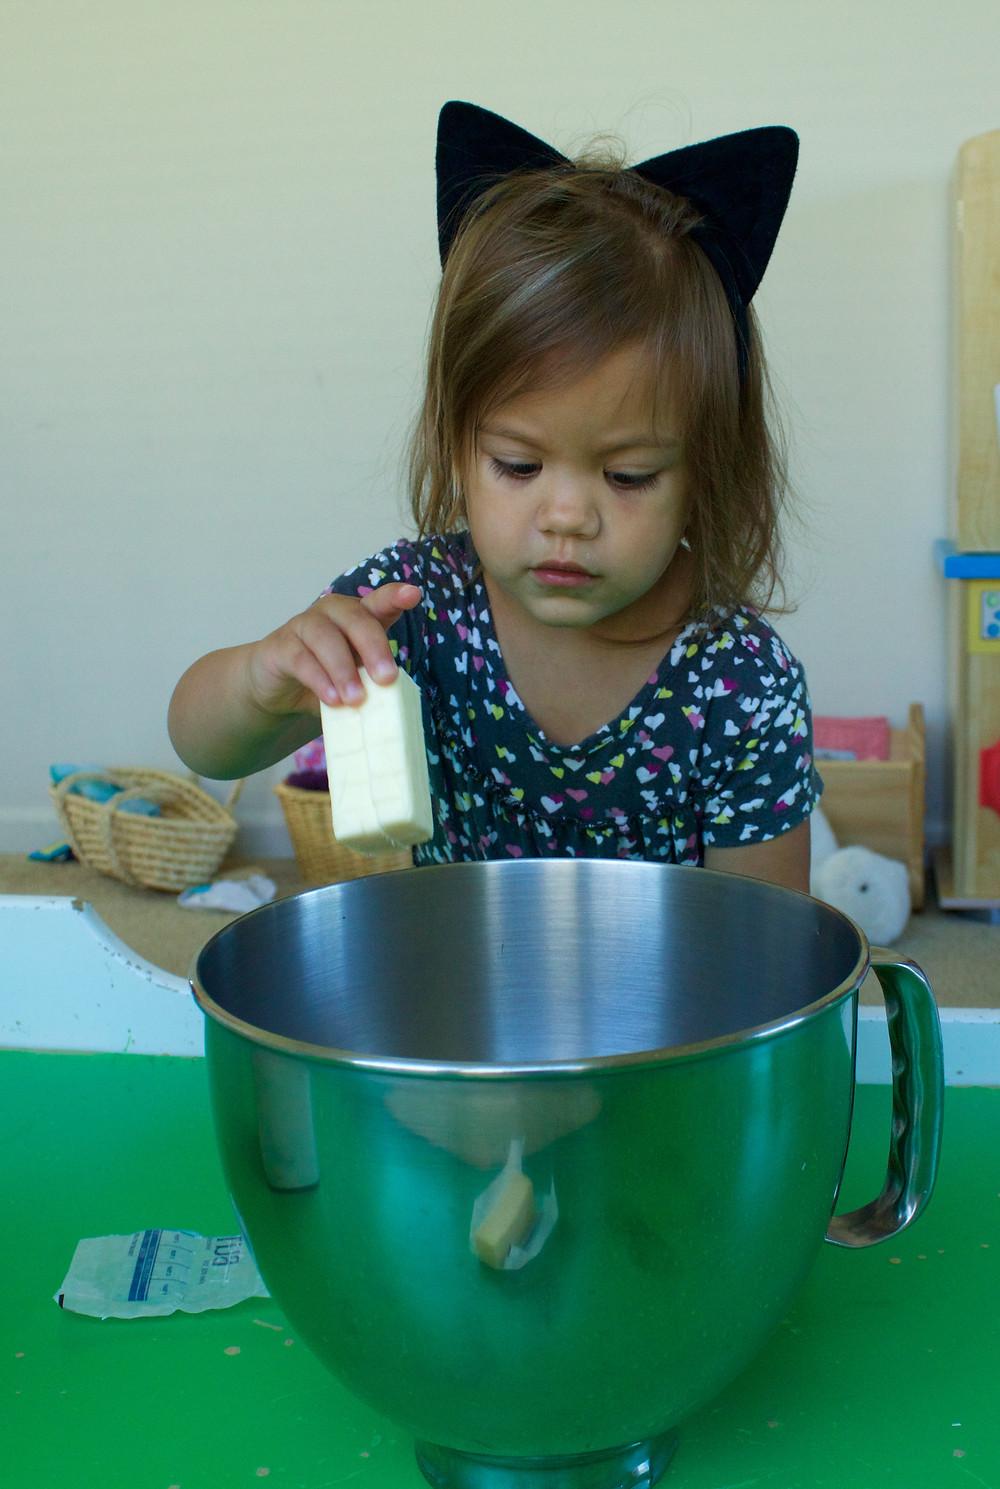 A Blue Sky Daycare home daycare child helps prepare birthday cake